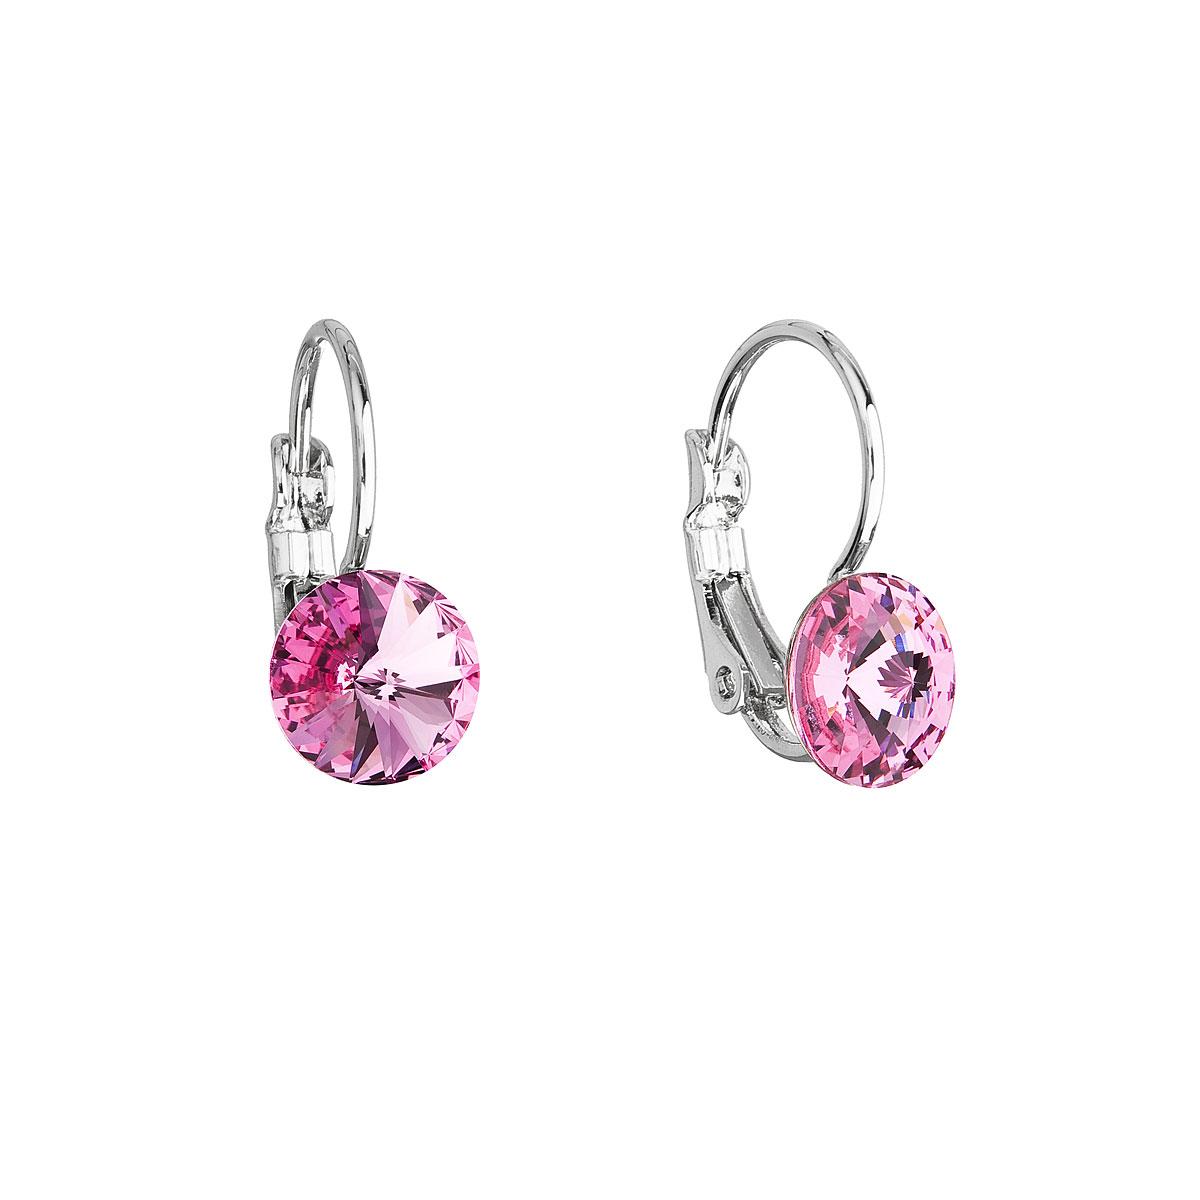 Náušnice bižuterie se Swarovski krystaly růžové kulaté 51031.3 rose